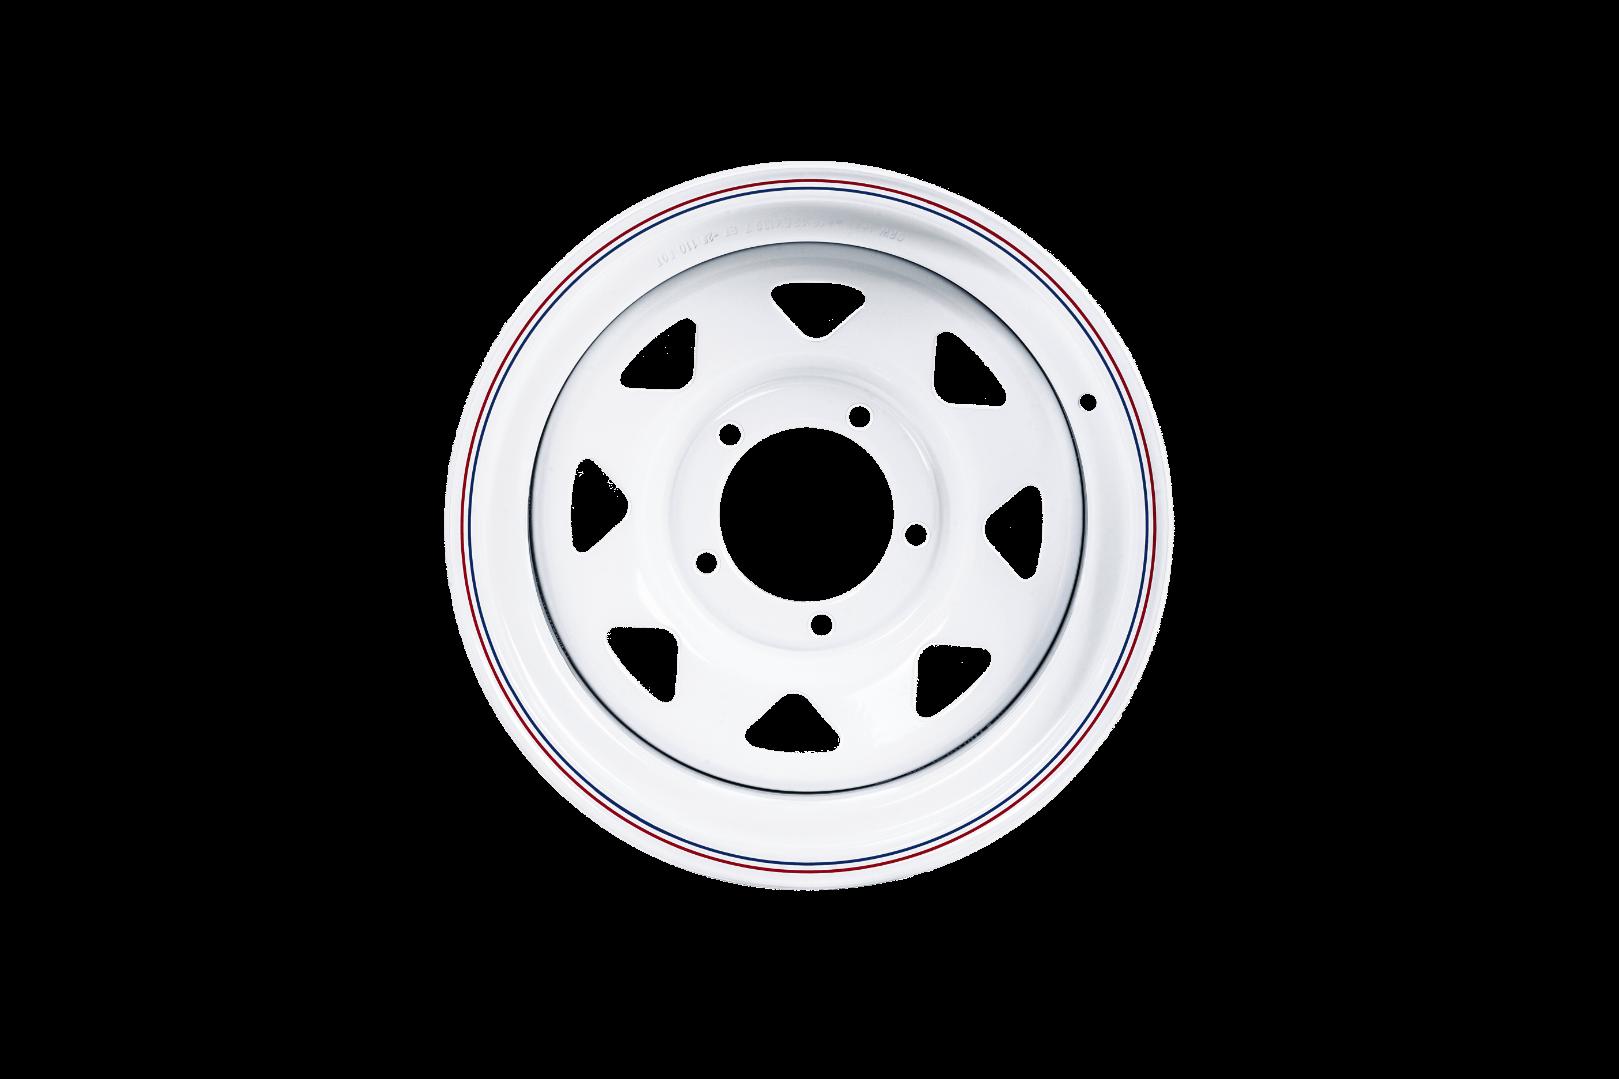 ORW диск усиленный стальной УАЗ 16x8 5x139.7 d110 ET0 белый №84